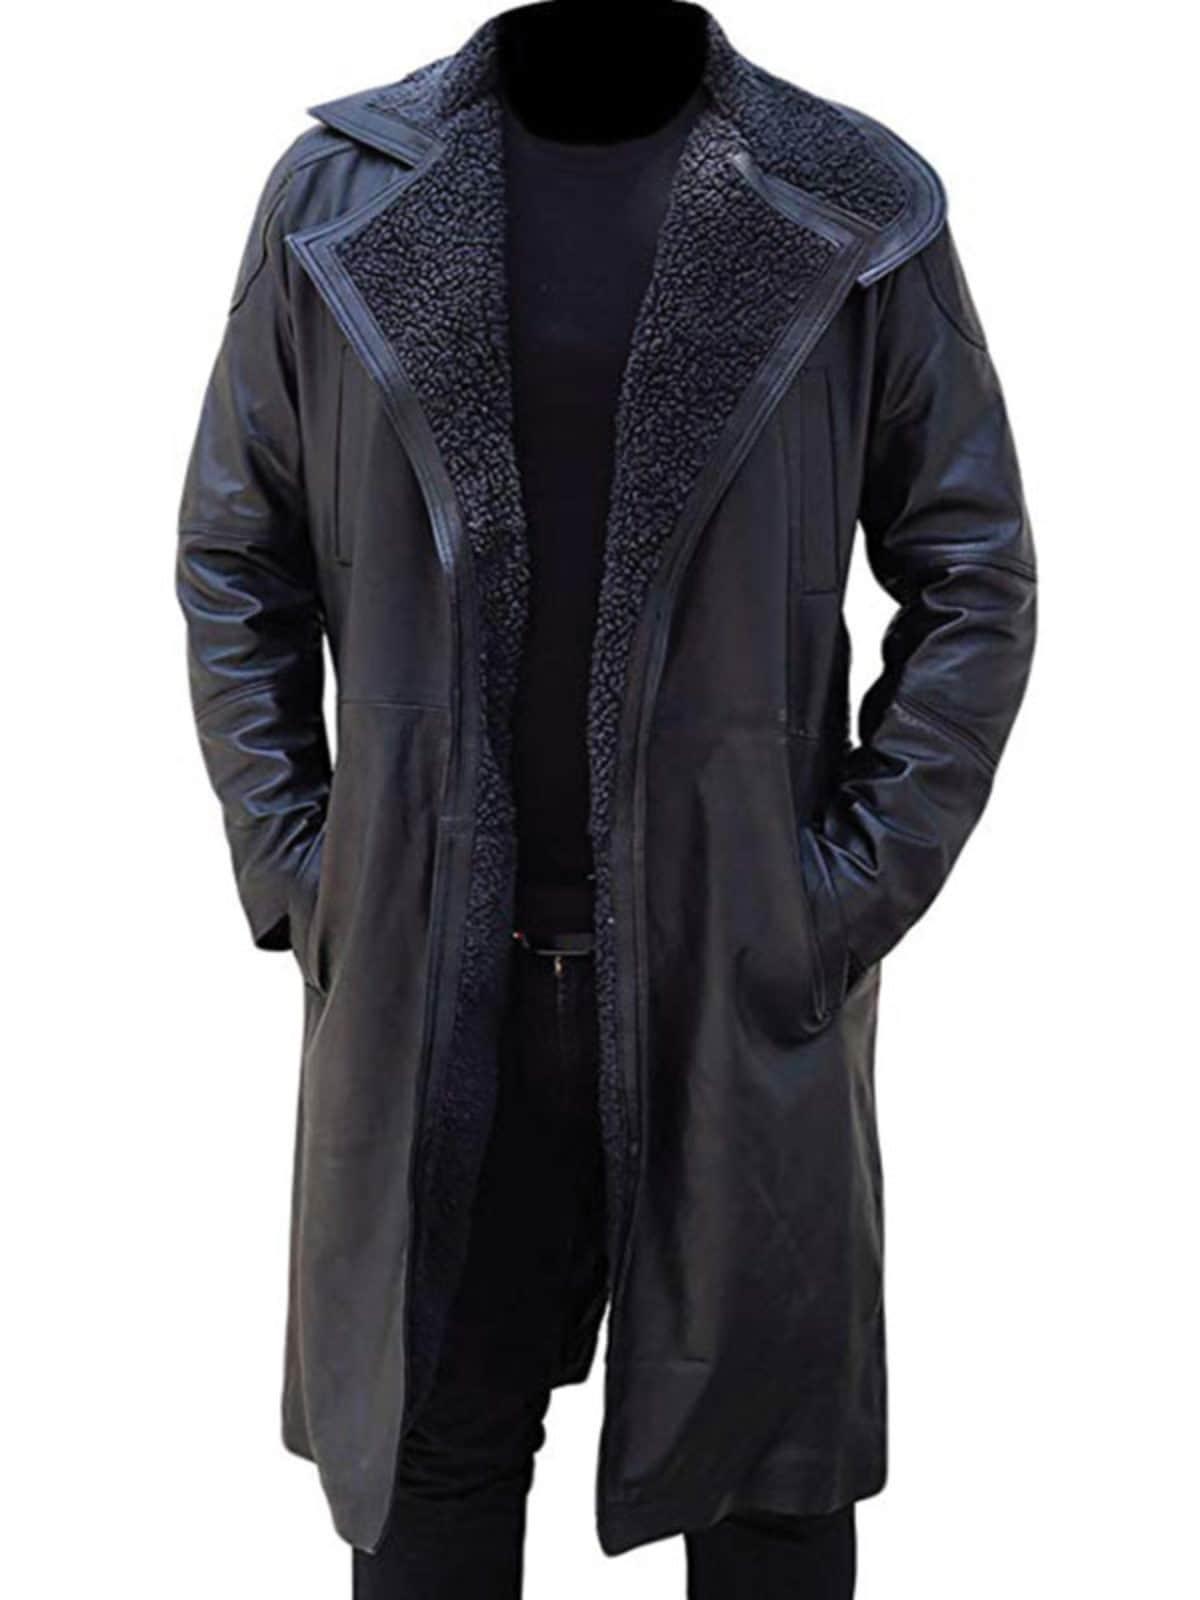 Blade Runner 2049 Ryan Gosling Officer Long Leather Coat